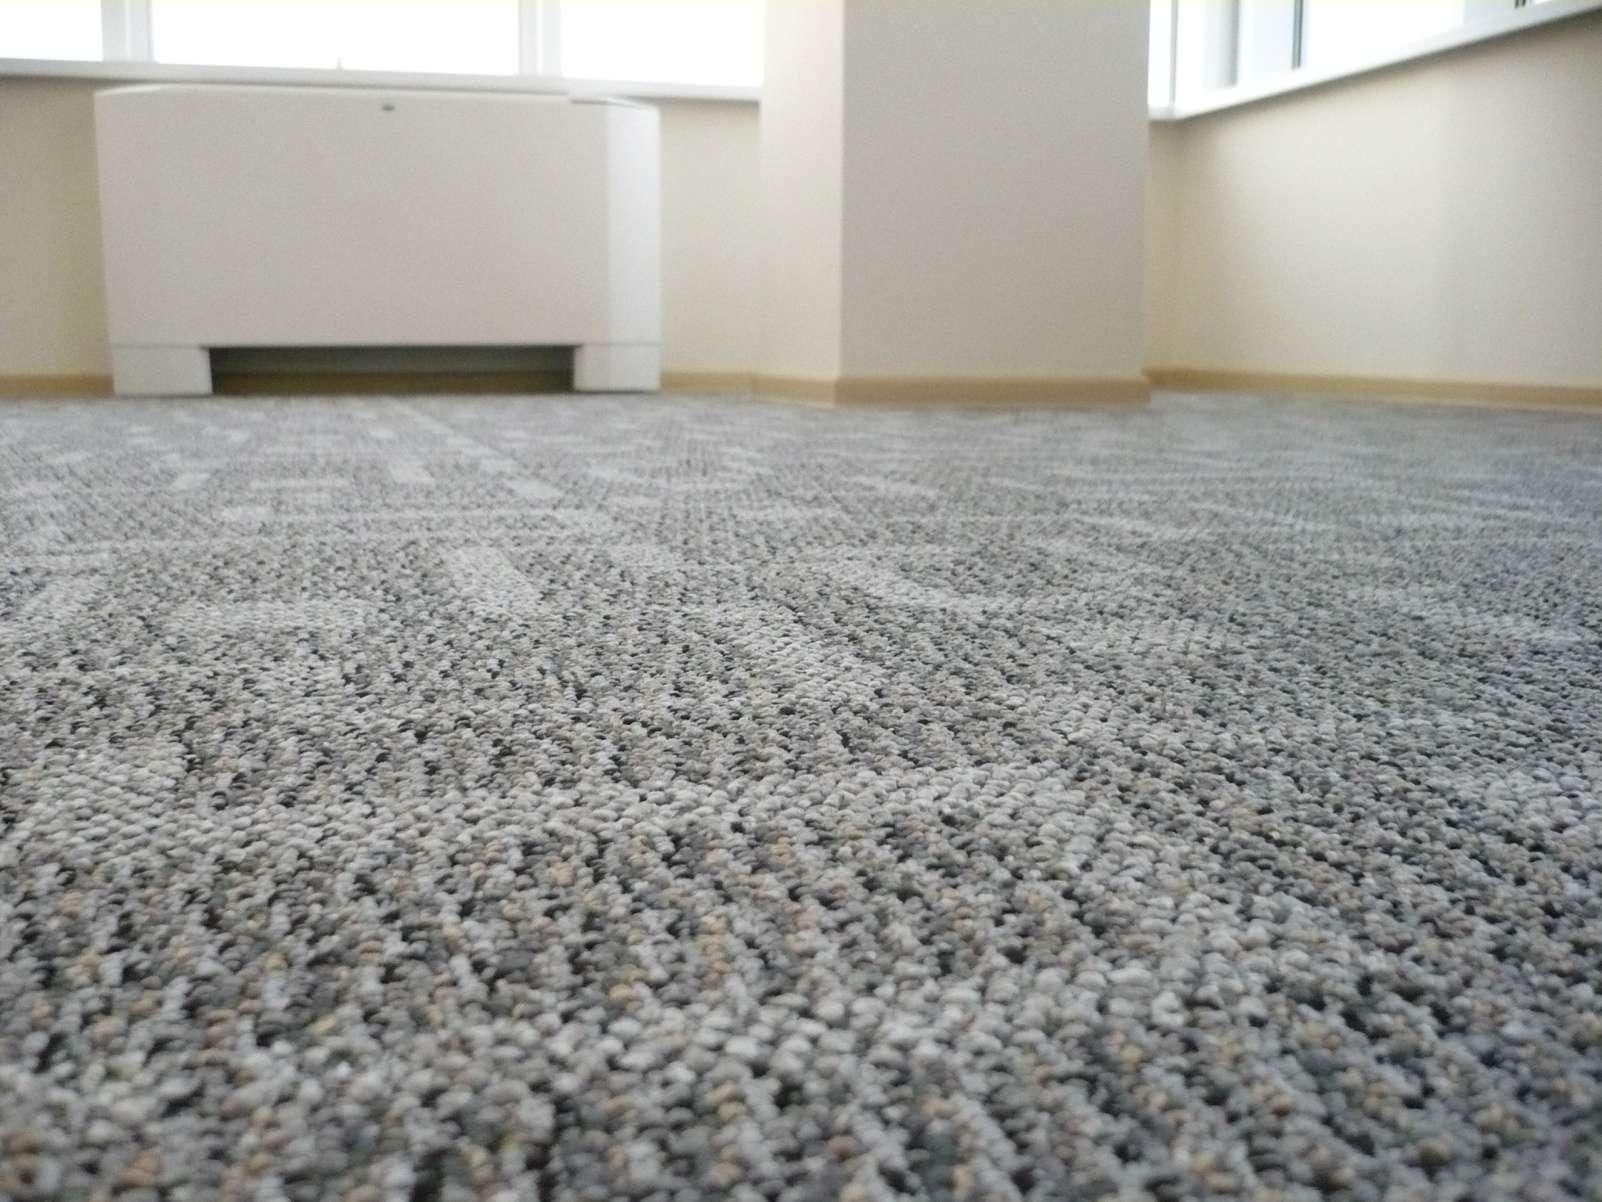 Инфракрасный теплый пол под ковролином – создание уюта!